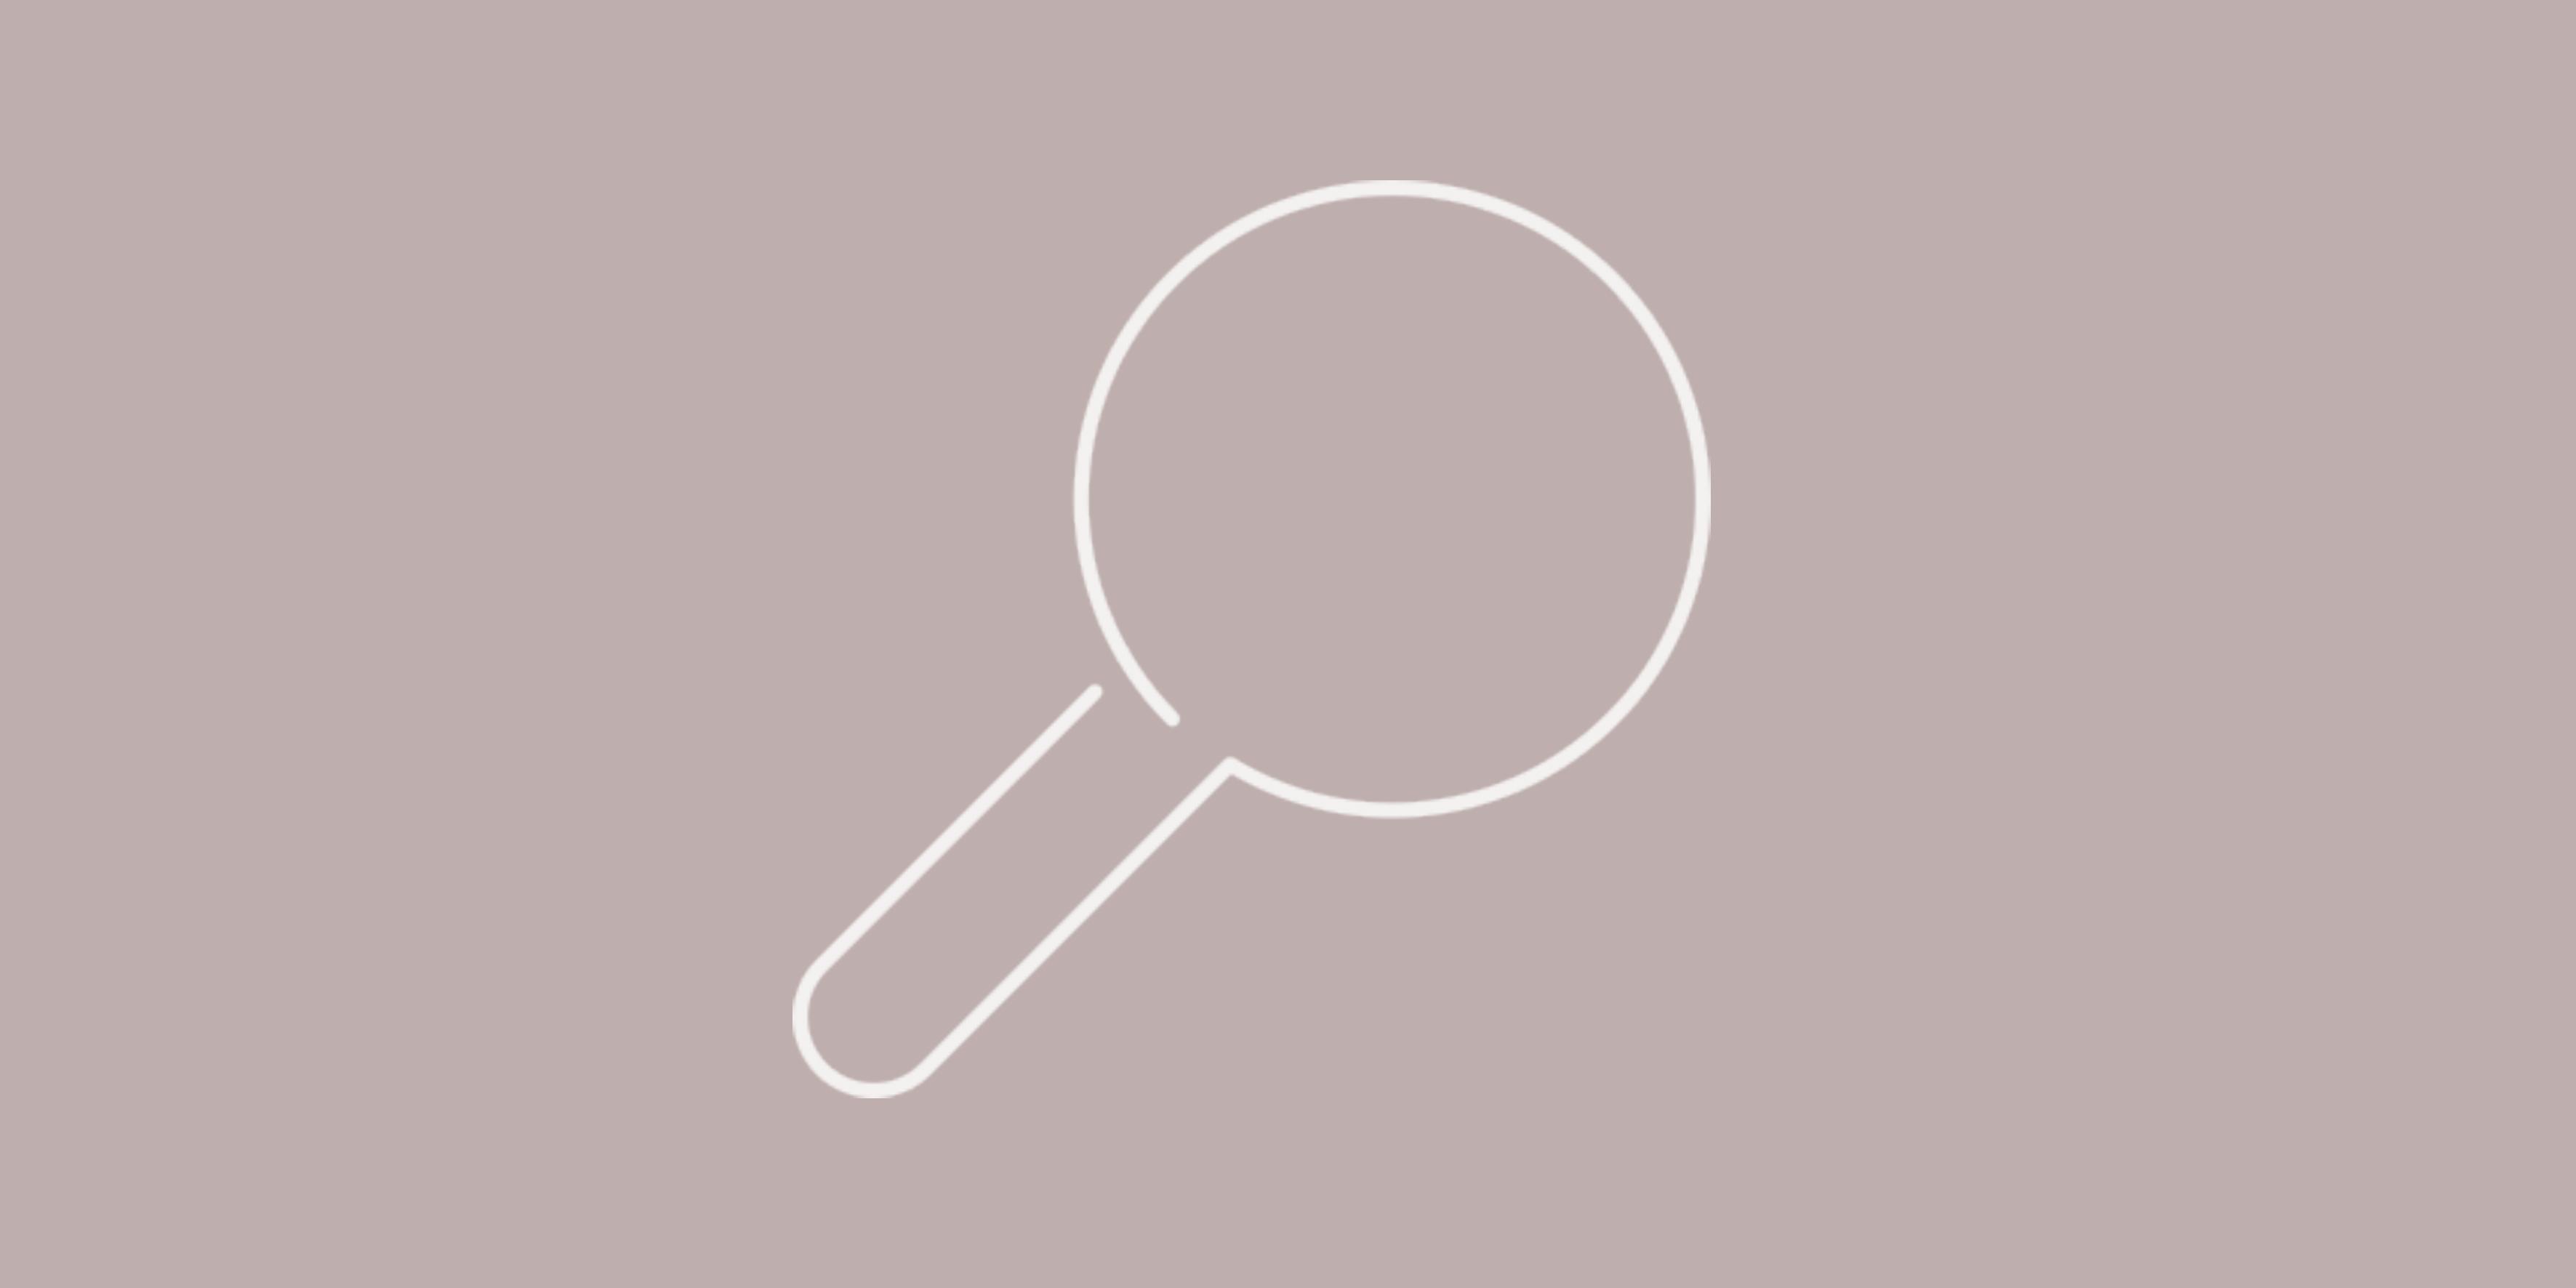 """Neben dem textblock ist eine Lupe abgebildet, die als Symbol für """"Evaluation"""" dienen soll"""